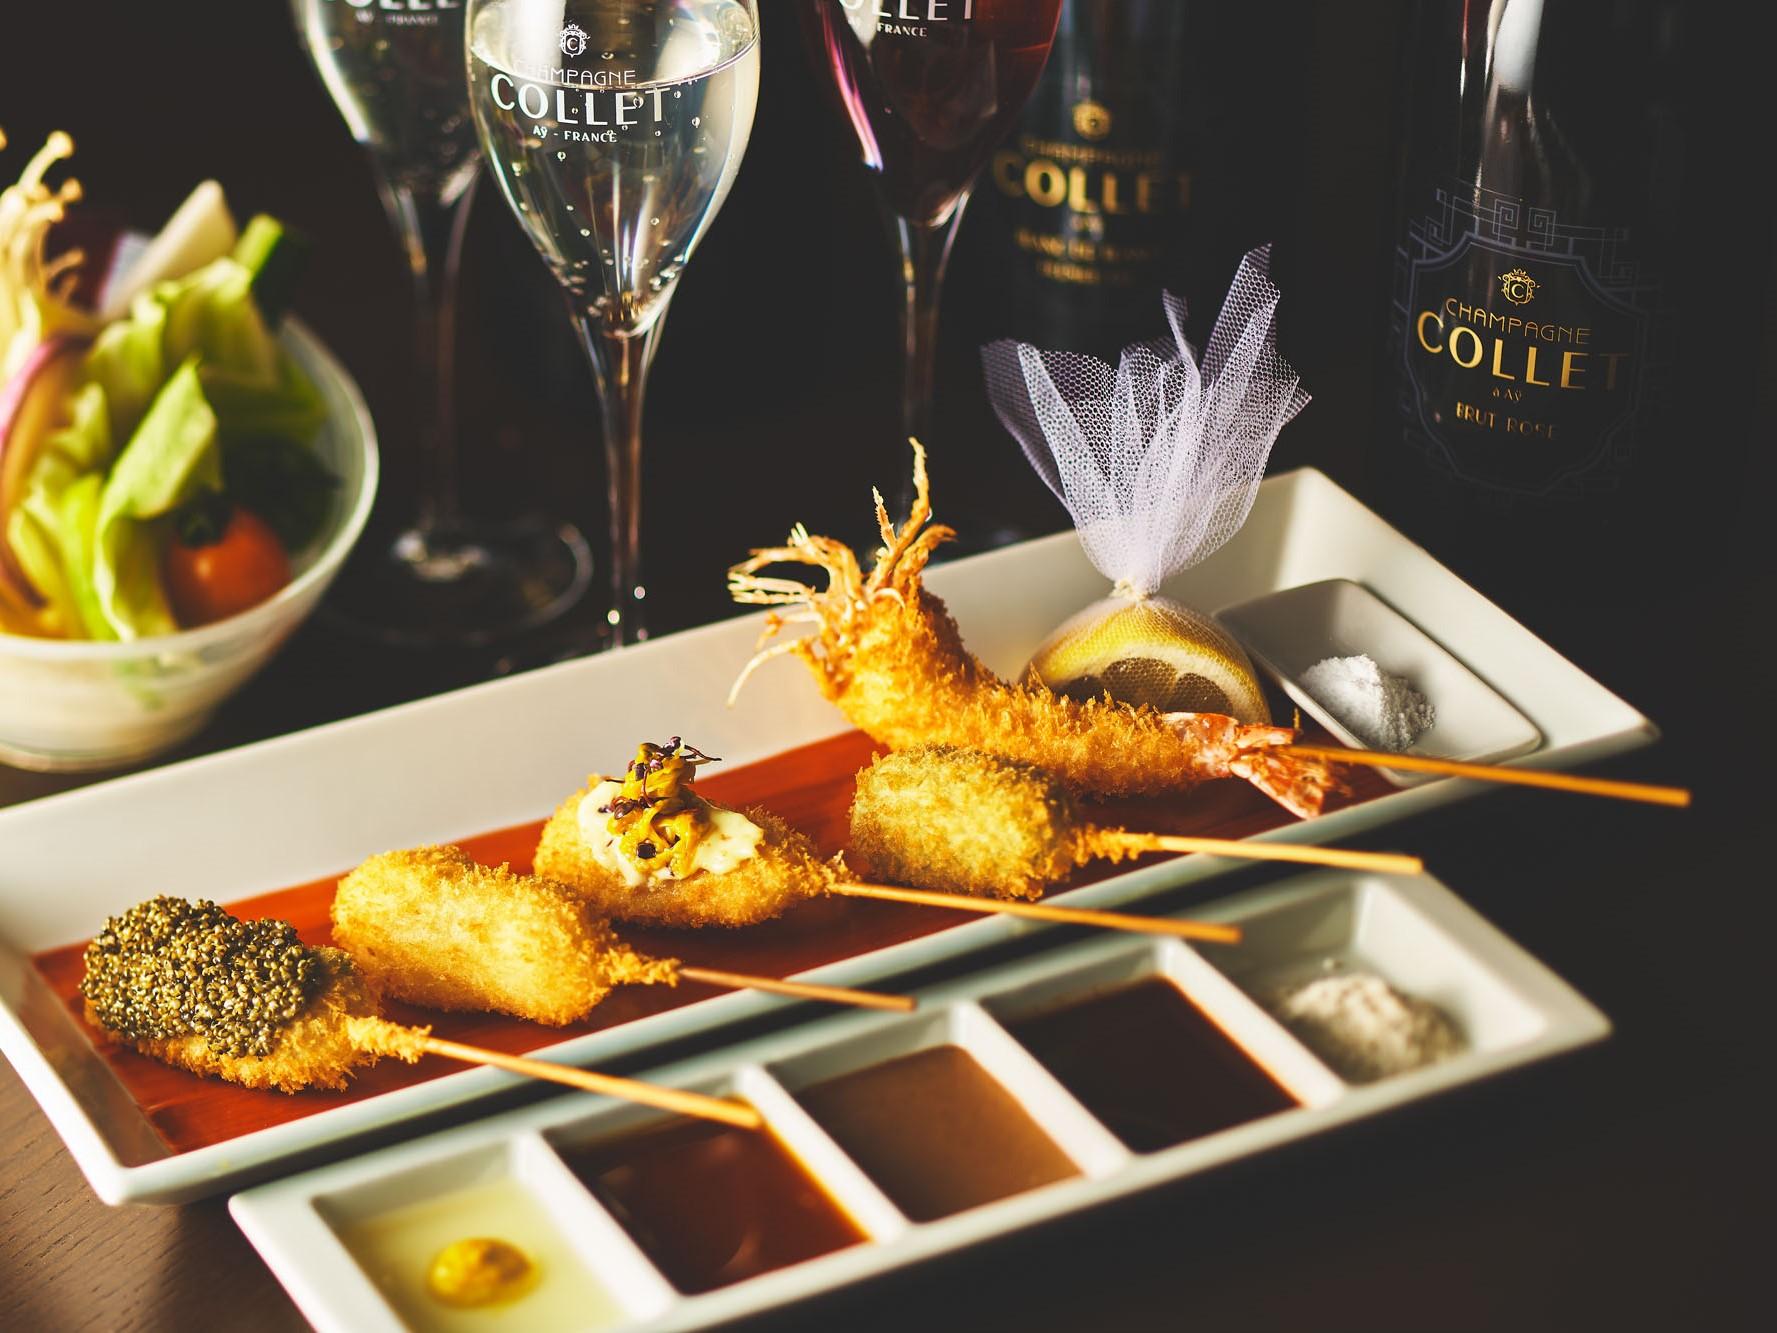 最高品質のシャンパン、COLLET(コレ)をバイ・ザ・グラスで合わせる。神楽坂店オープンを記念した特別コース(串揚げ15本にシャンパン3杯、または赤・白ワイン3杯)は7月末まで。1人1万8000円(税・サ込)。